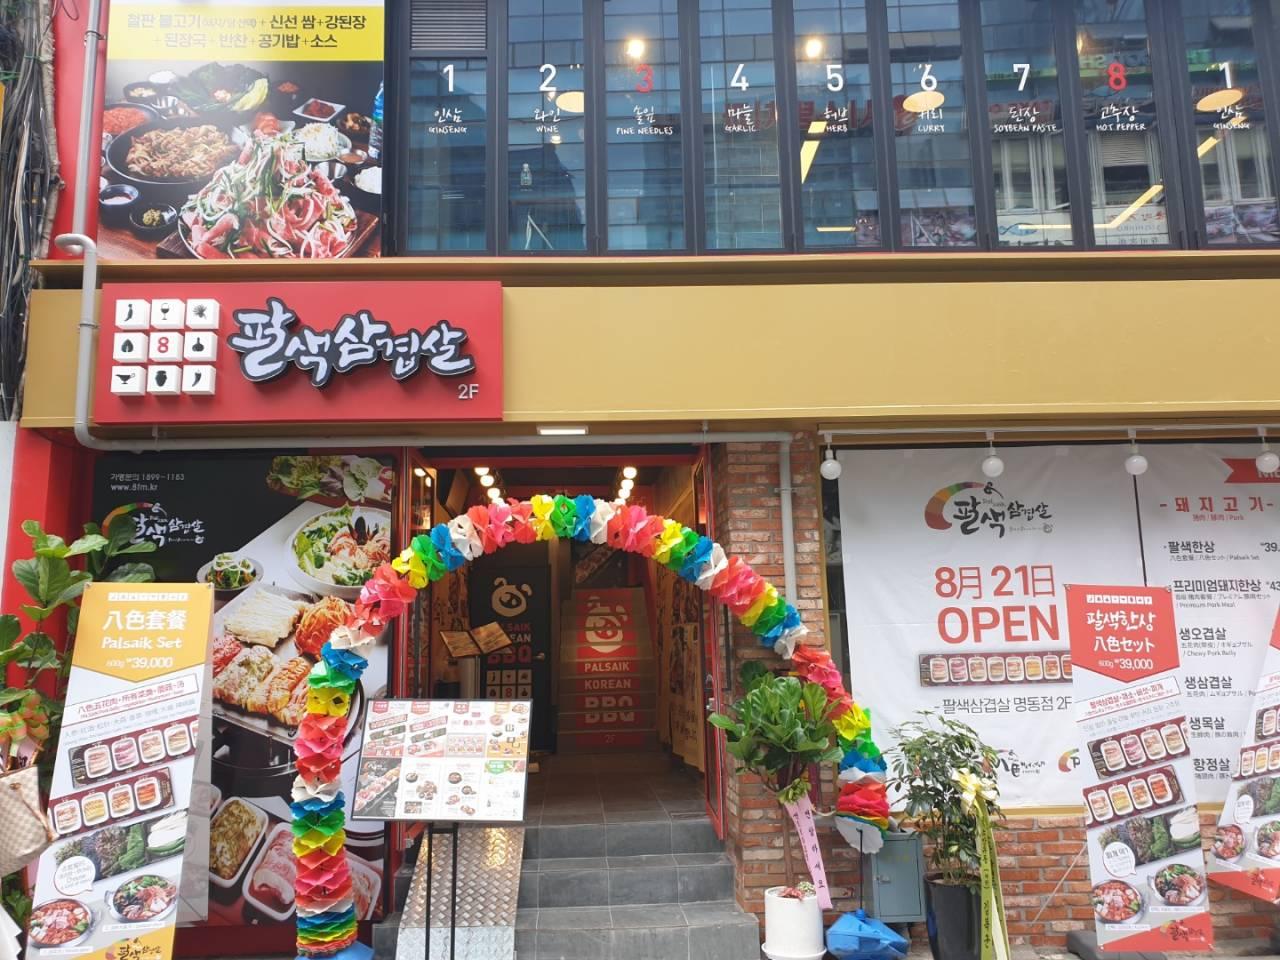 PALSAIK Samgyeopsal Myeongdong(팔색삼겹살 명동)